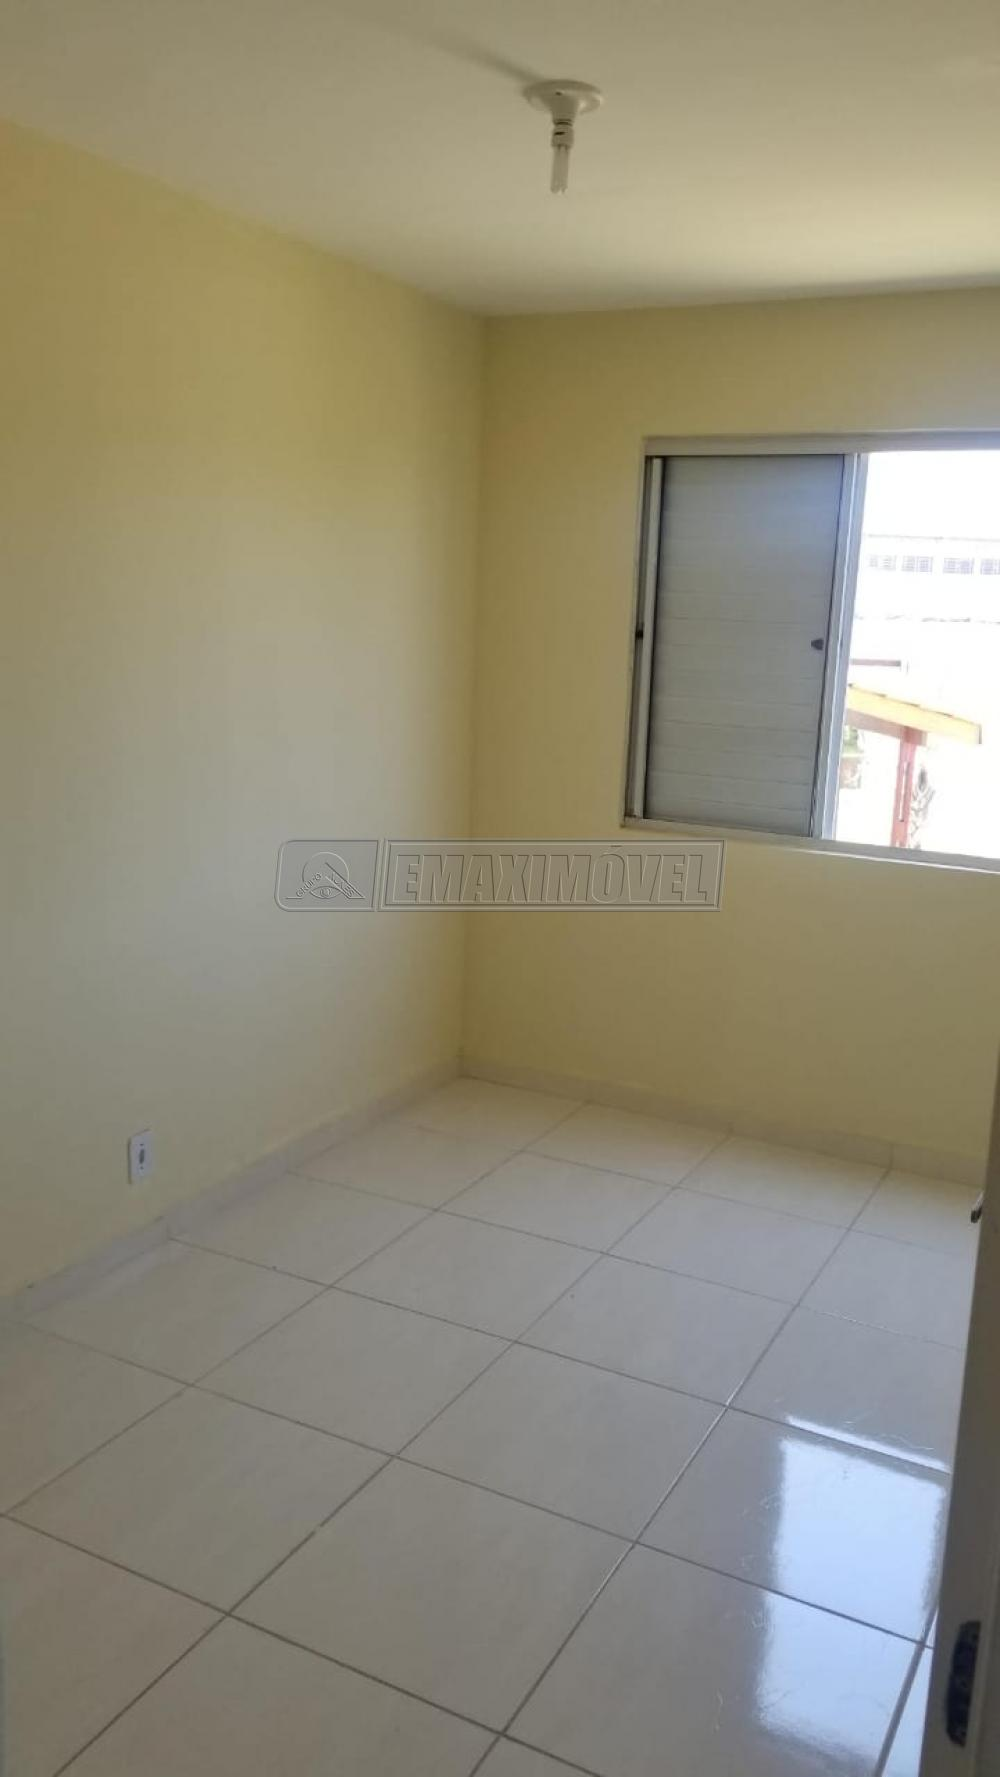 Alugar Apartamentos / Apto Padrão em Votorantim R$ 700,00 - Foto 6